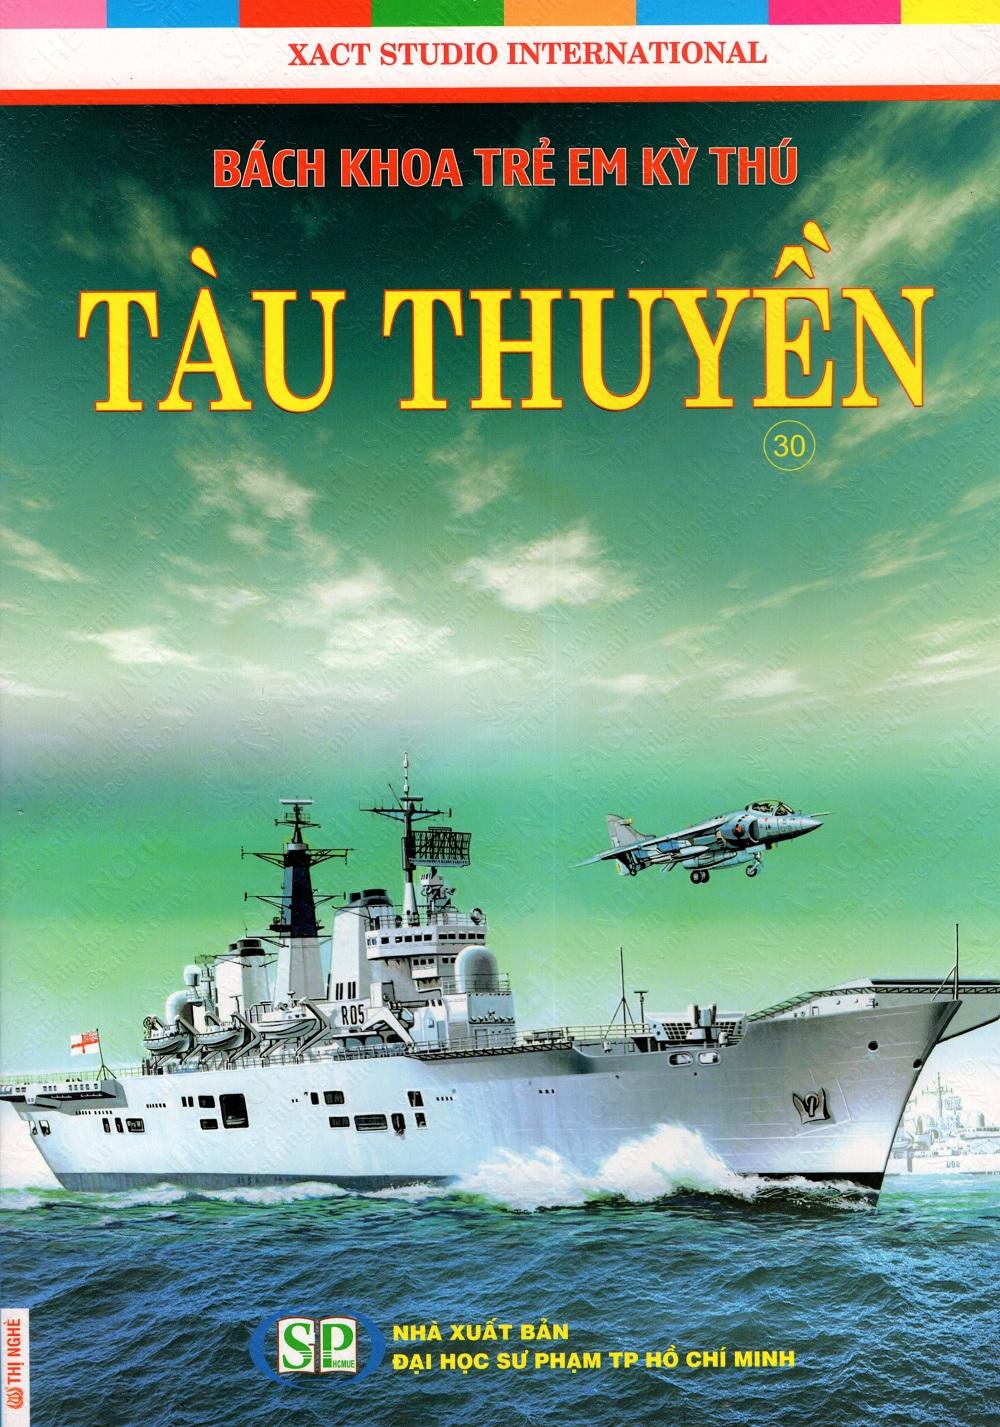 Bìa sách Bách Khoa Trẻ Em Kỳ Thú - Tàu Thuyền (30)